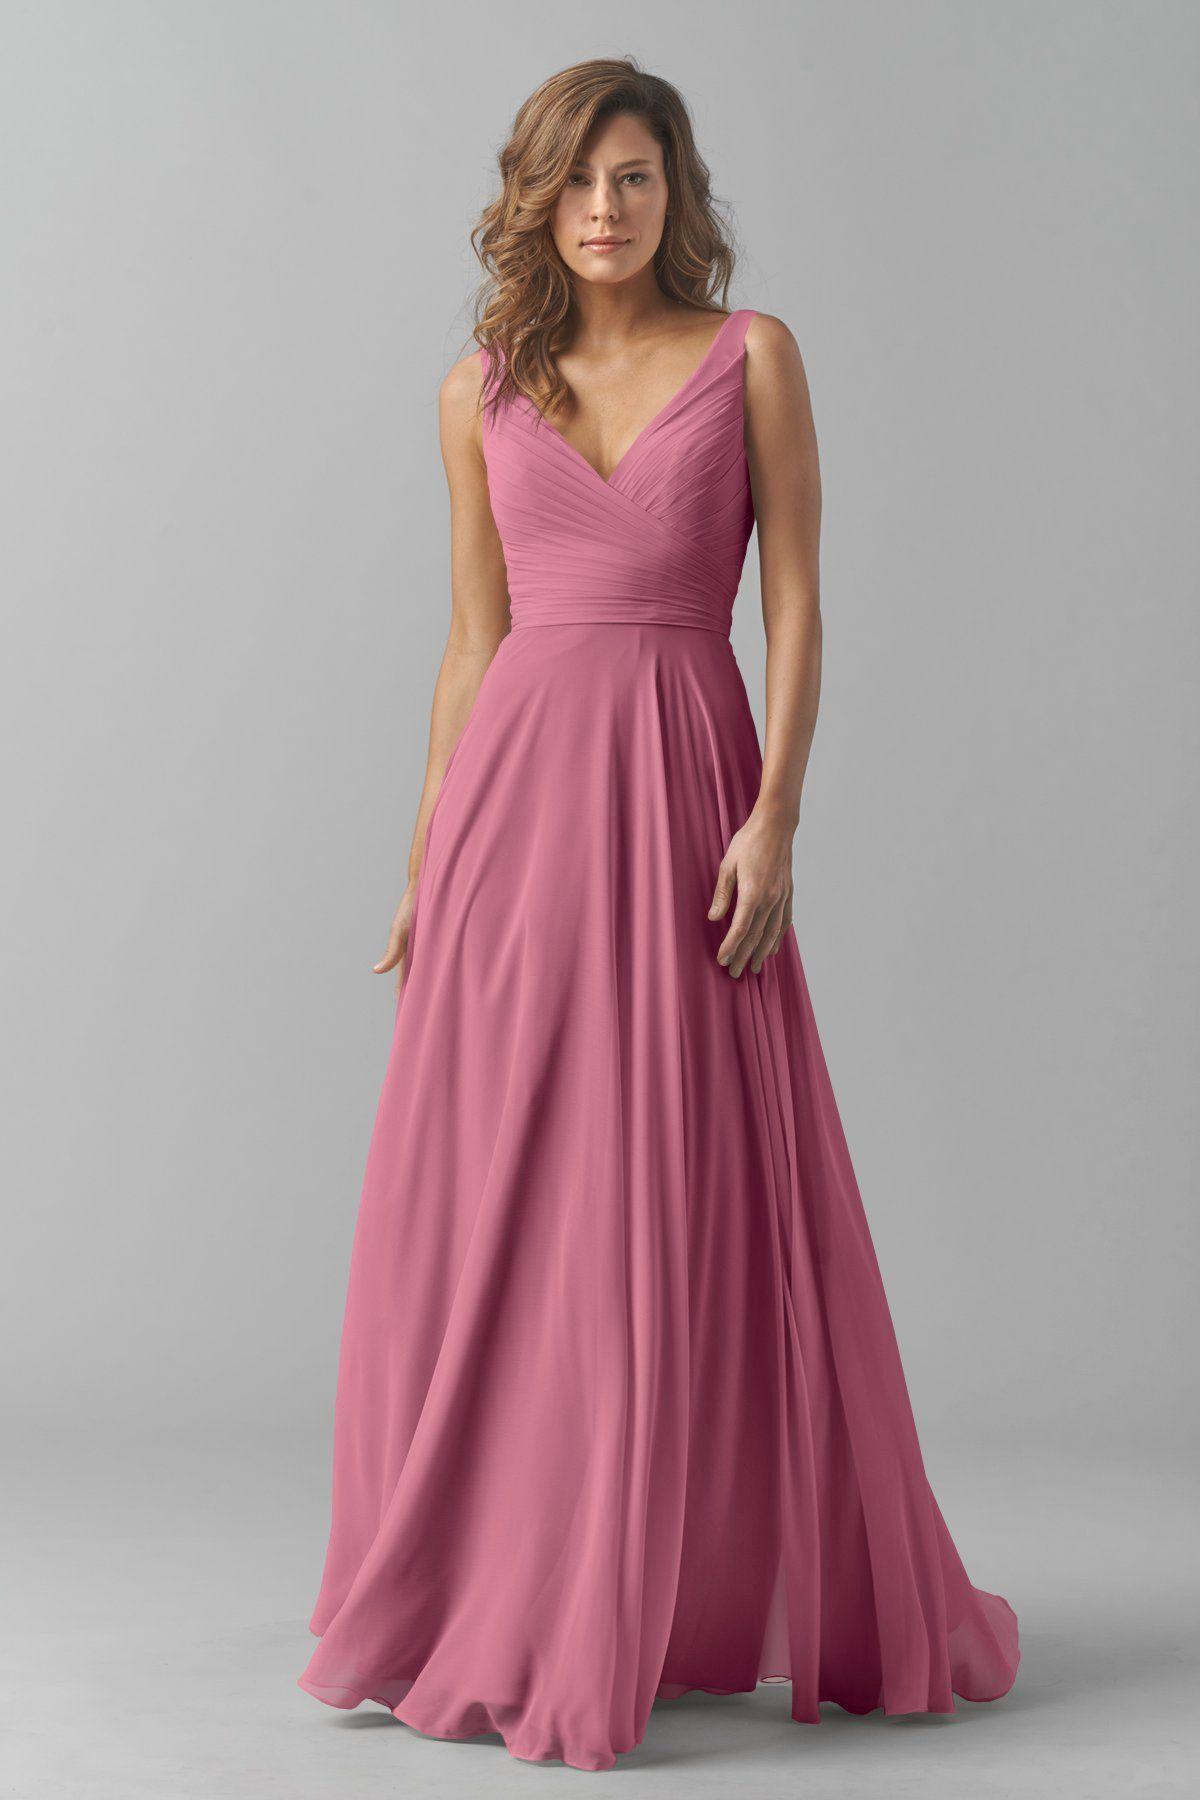 Watters Karen | Vestidos boda, Vestido de baile y Vestidos fiestas